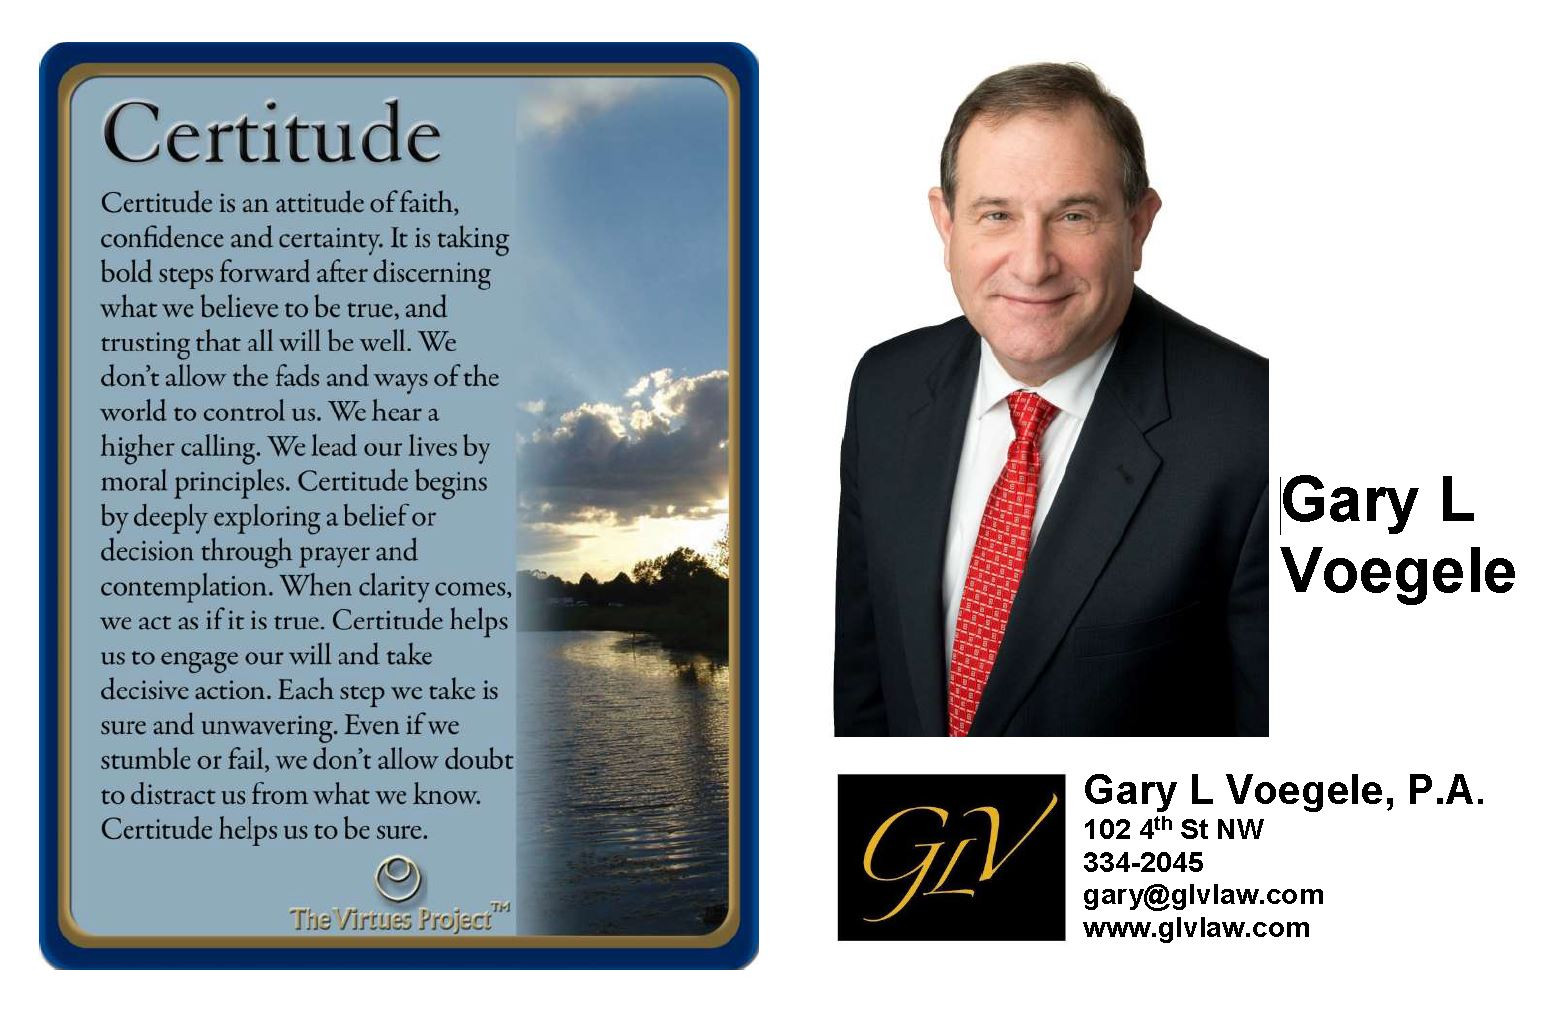 Gary Voegele Certitude.JPG